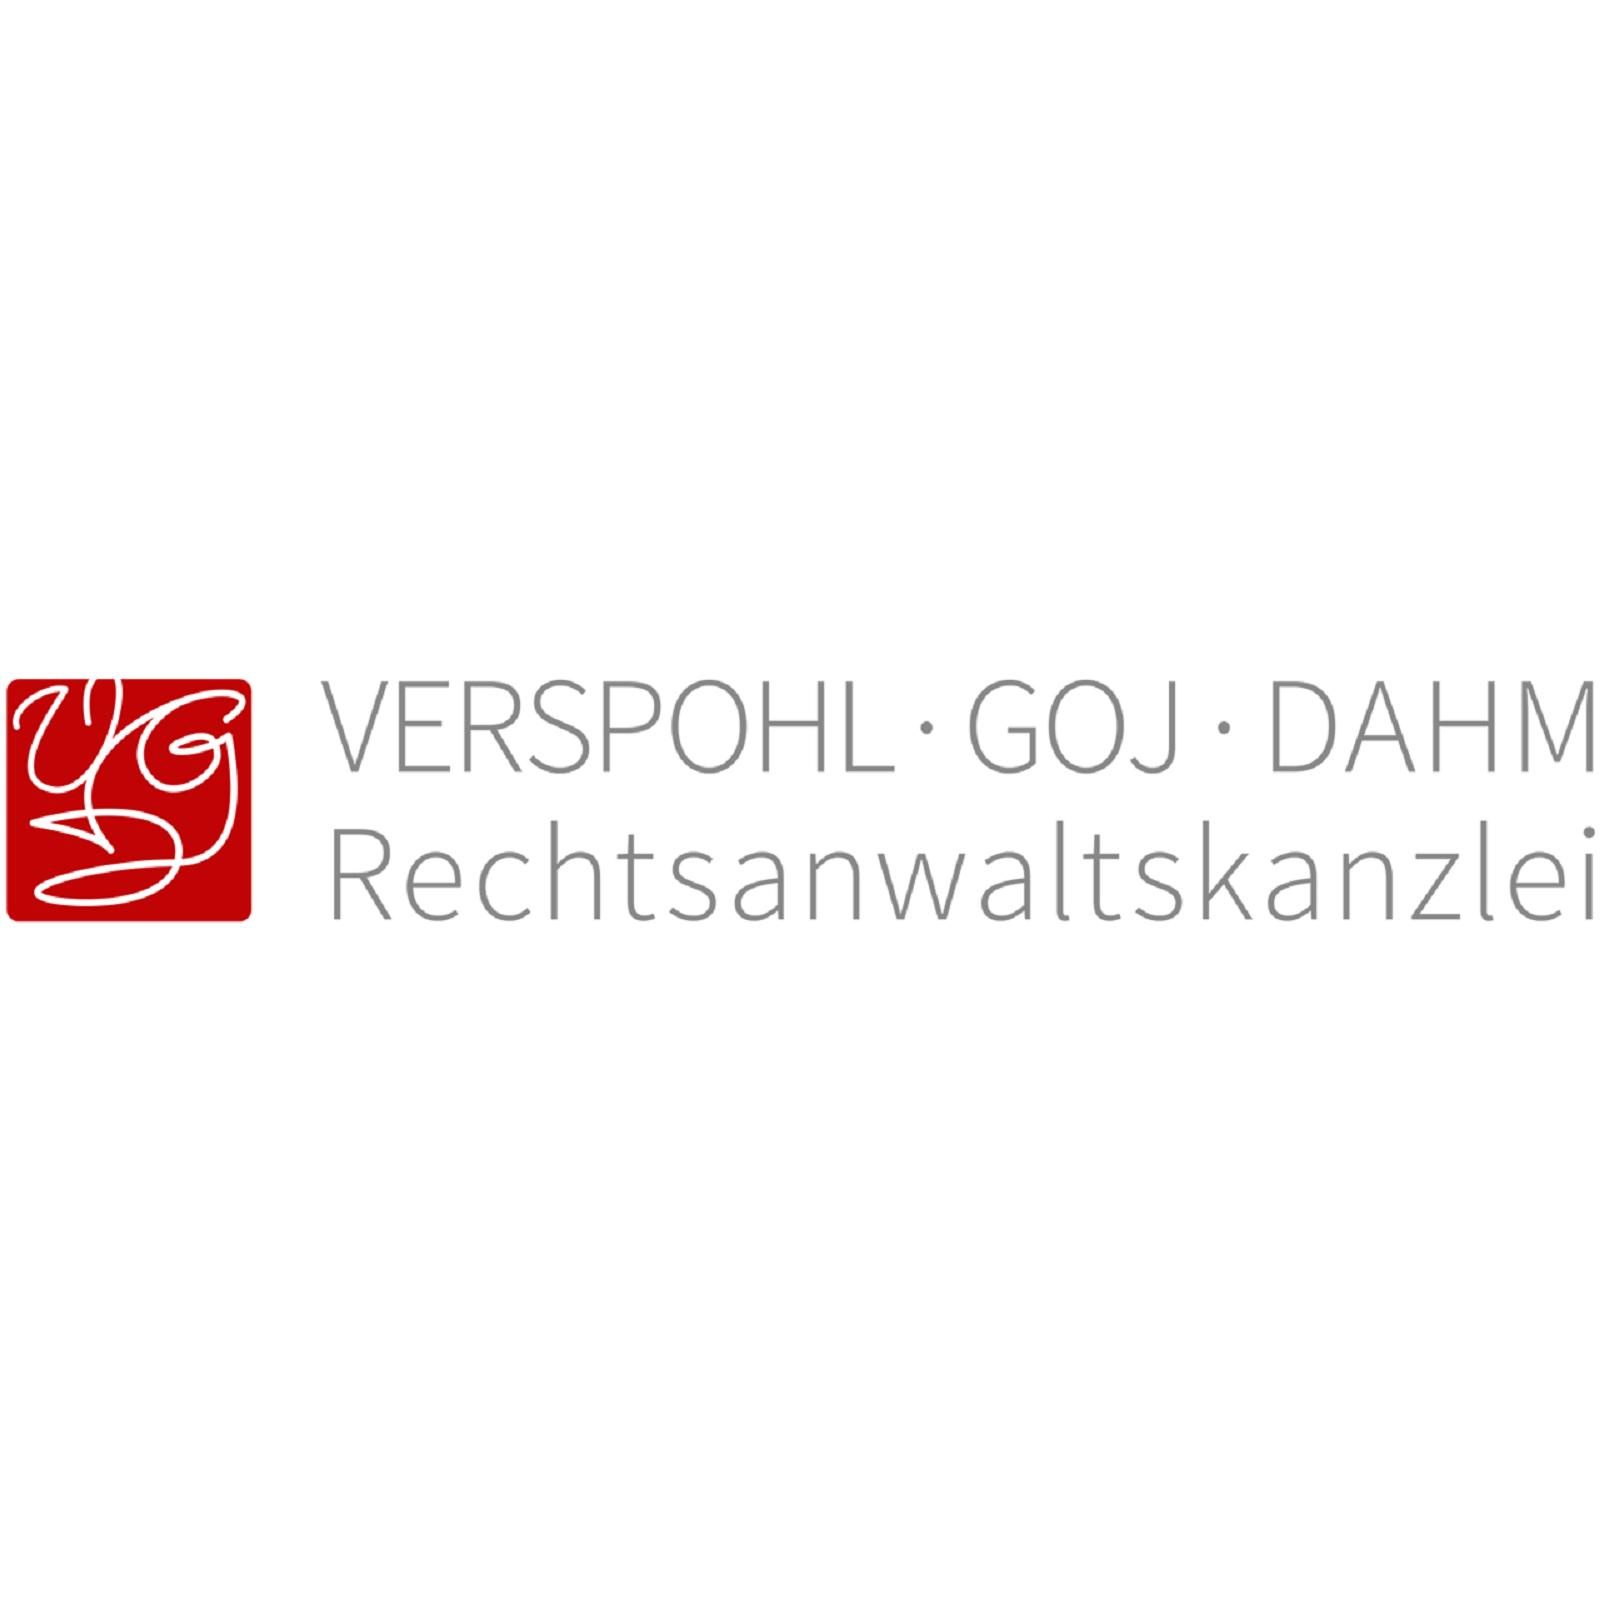 Bild zu Verspohl Goj Dahm Rechtsanwälte PartG mbB - Fachanwälte für Arbeitsrecht und gewerblichen Rechtsschutz in Duisburg in Duisburg